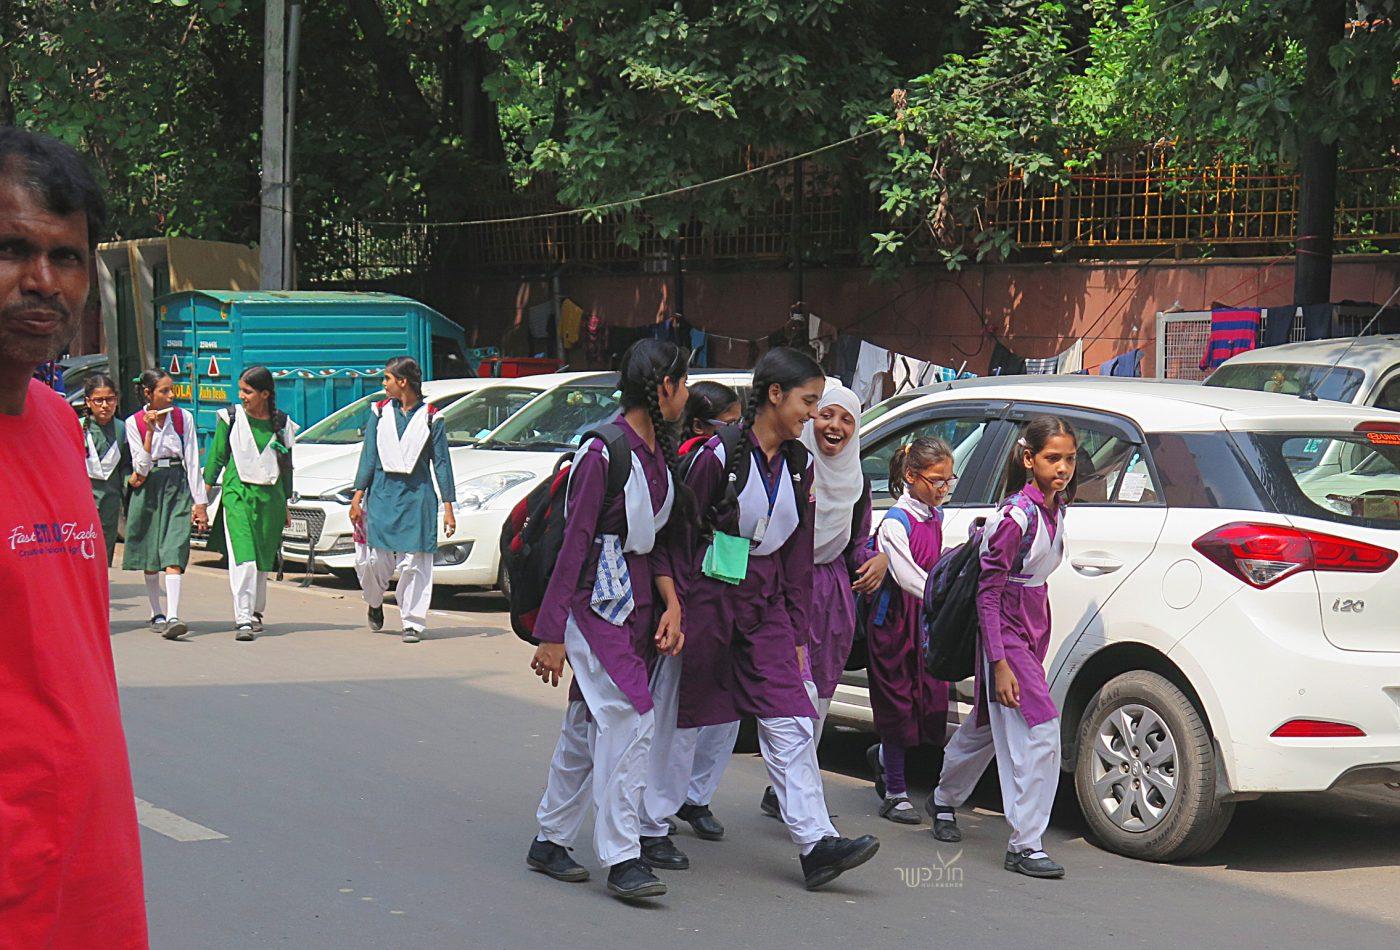 ילדות חוזרות מבית הספר